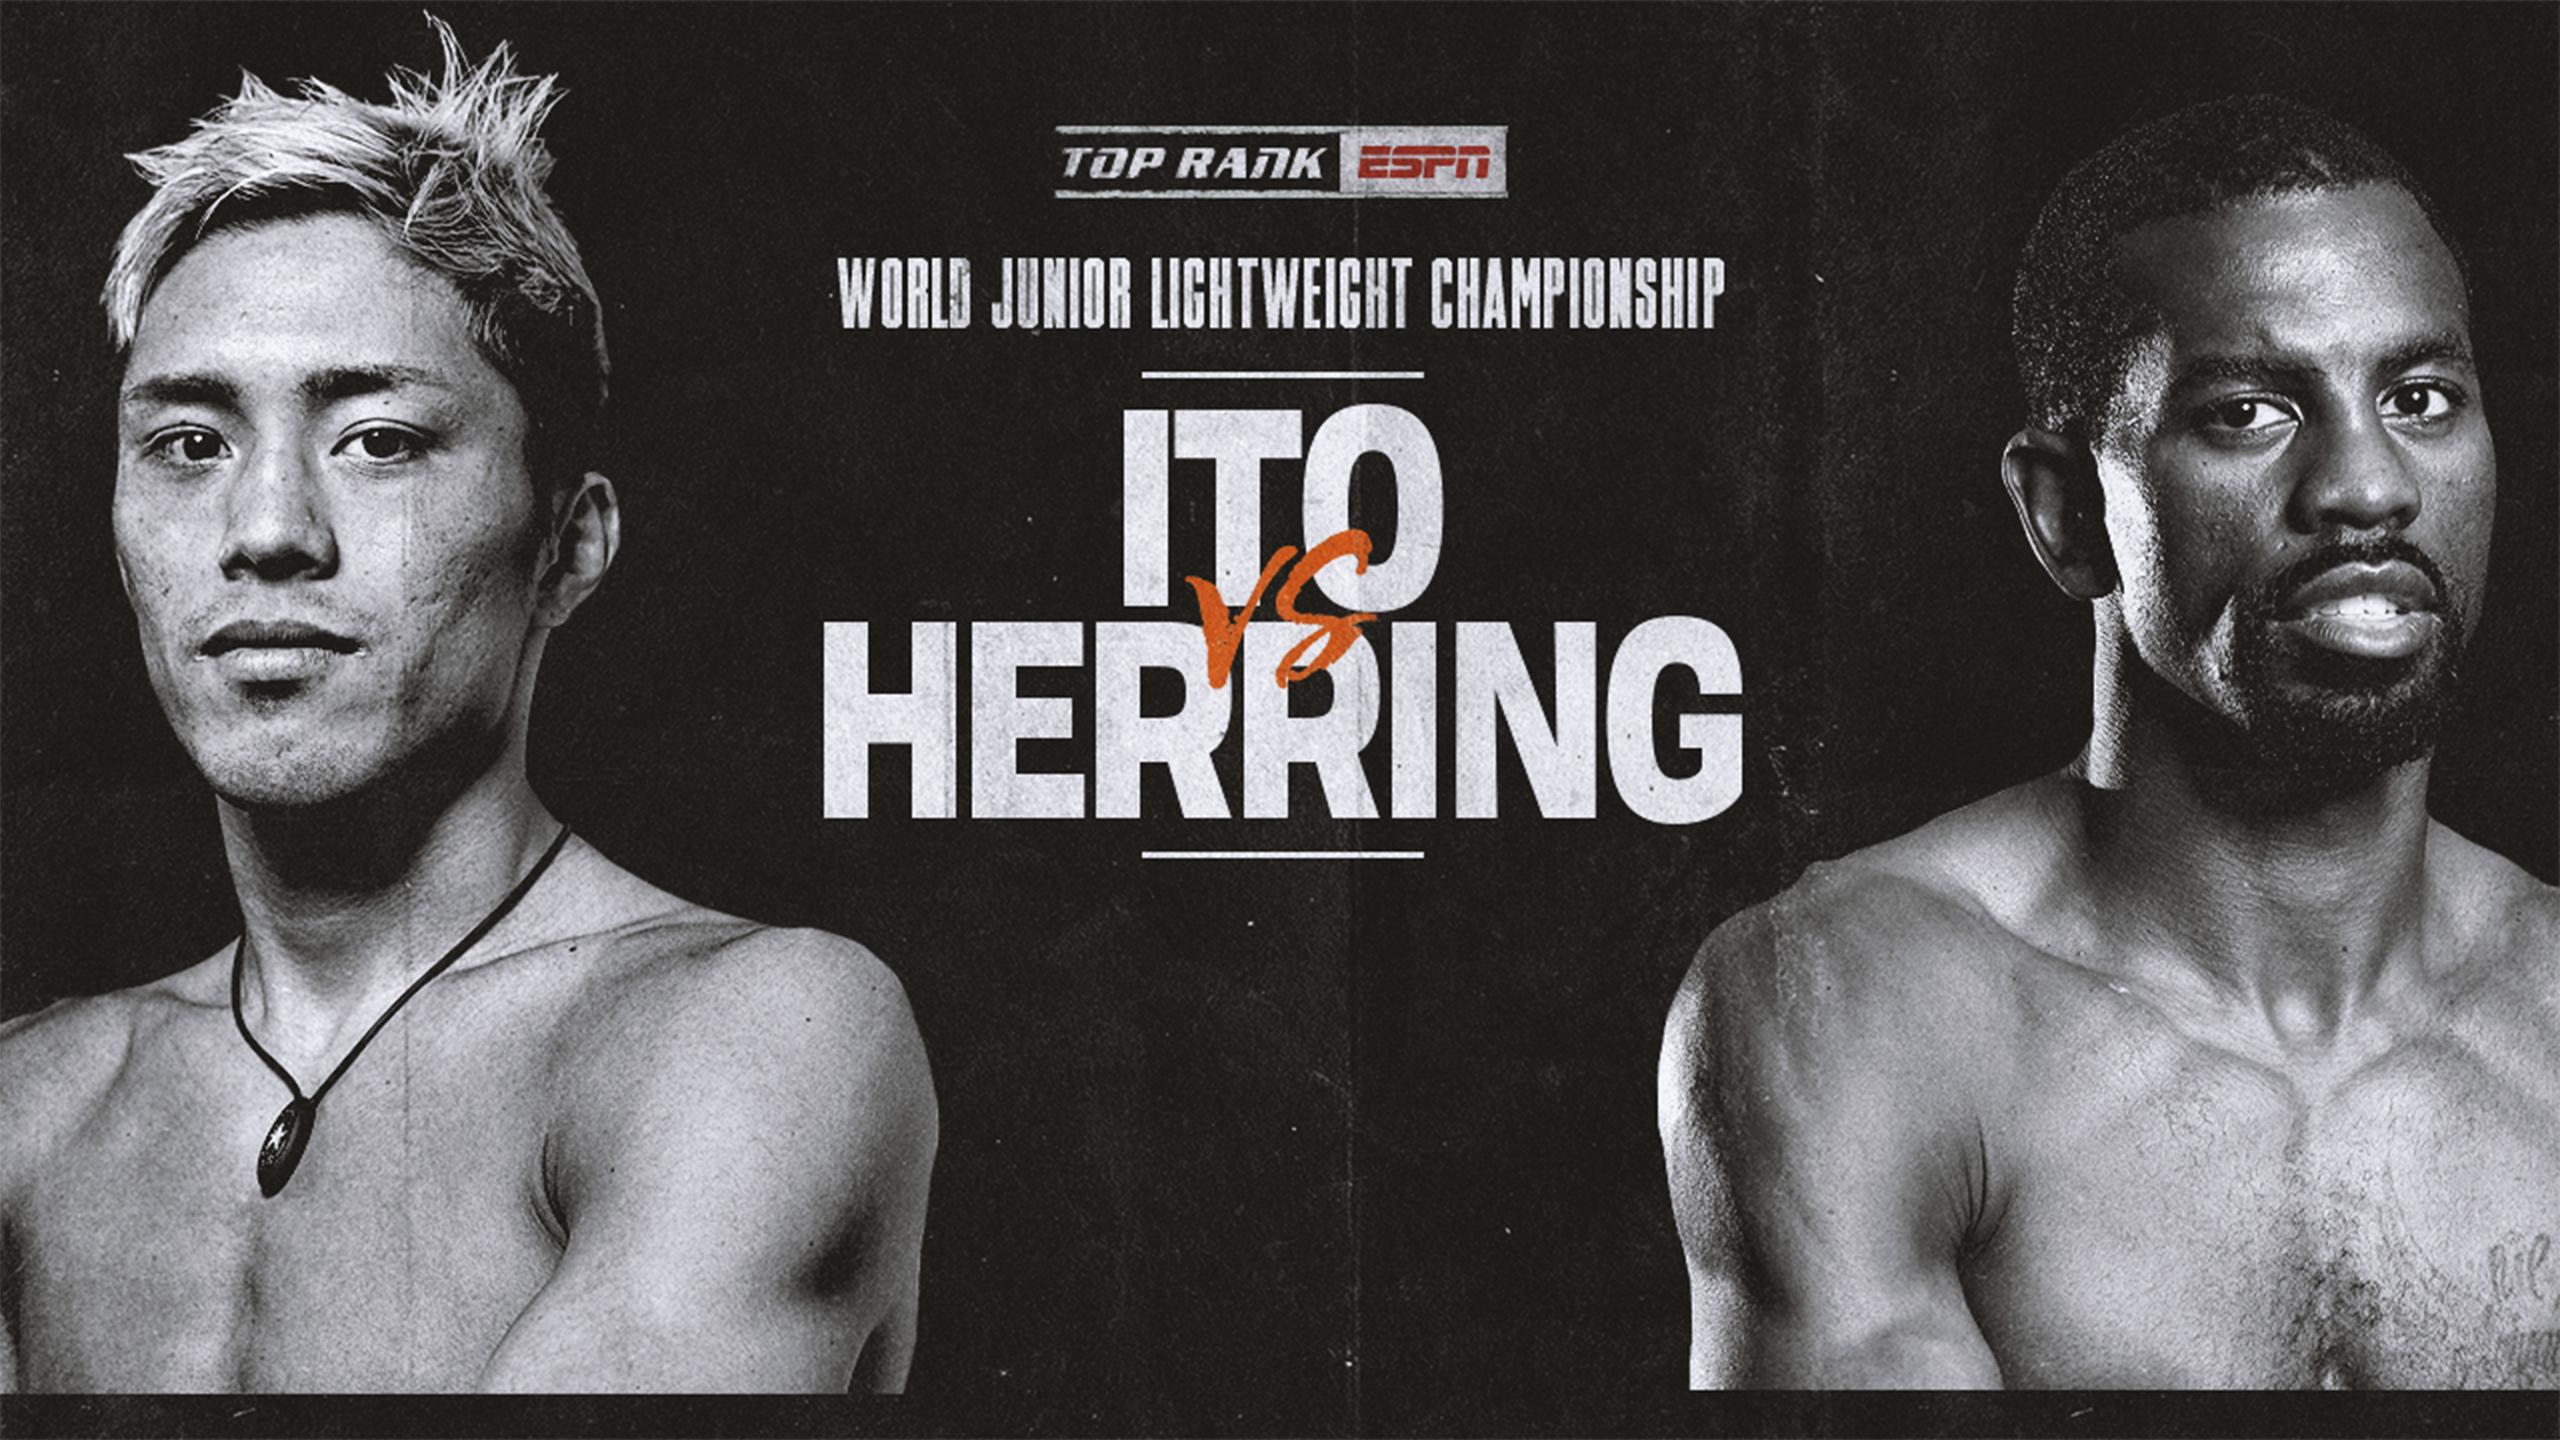 Masayuki Ito vs. Jamel Herring